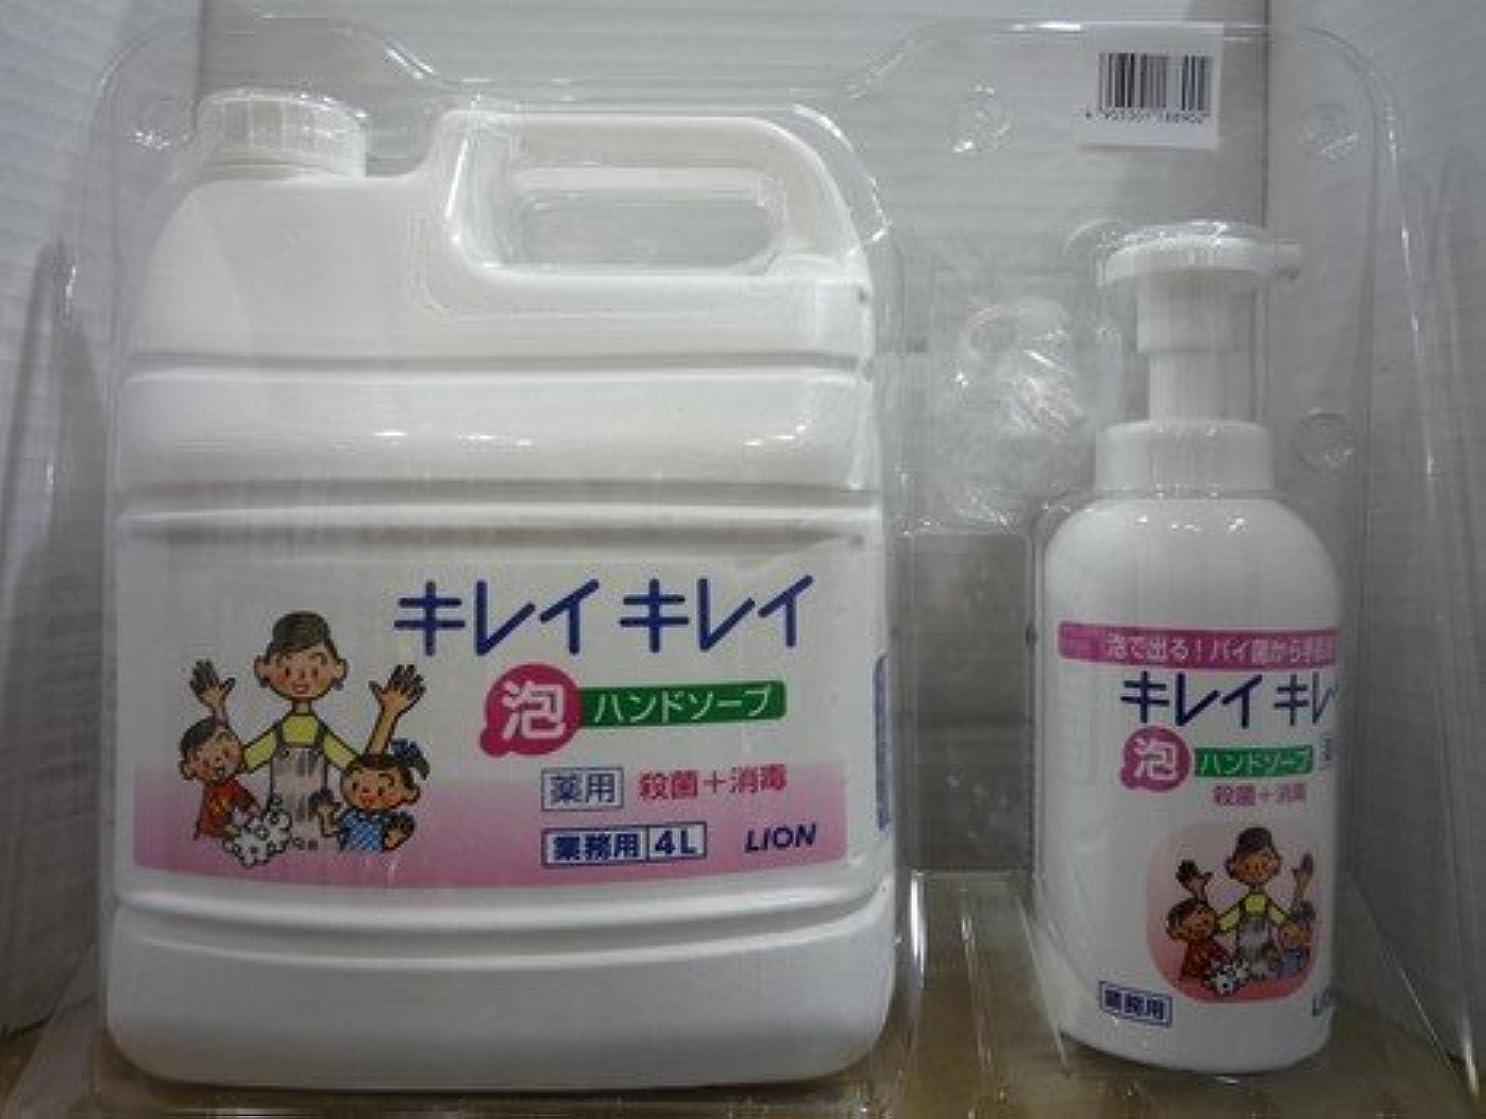 スプーン変な昇進キレイキレイ 薬用泡ハンドソープ 業務用 4L+キレイキレイ 薬用泡ハンドソープボトル550ml